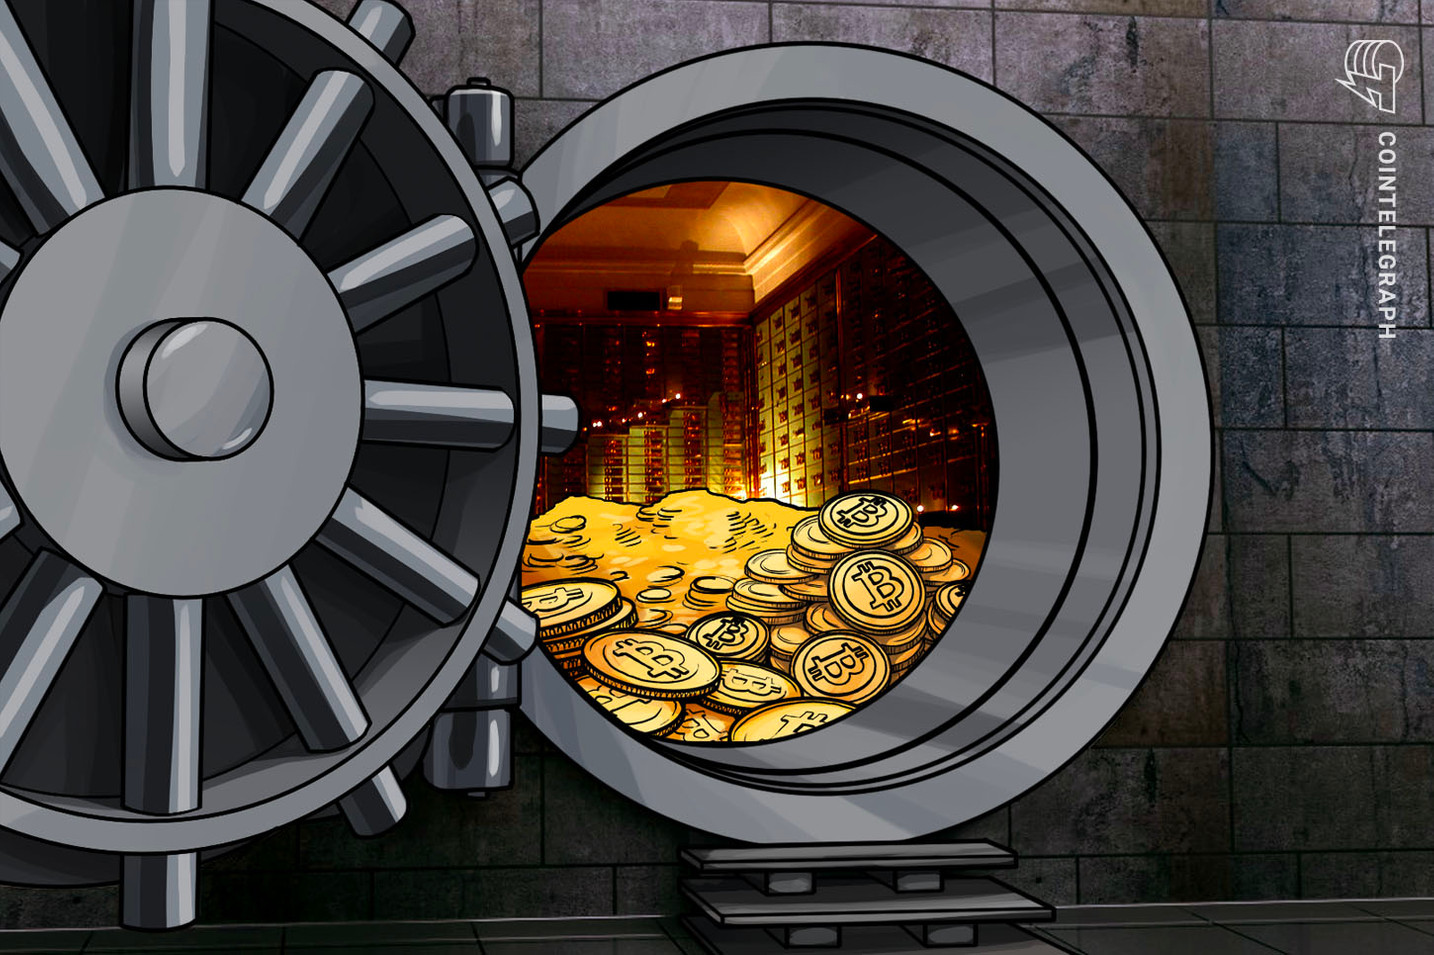 ليدجر تريد مساعدة مايكروستراتيجي في تأمين خزينة بيتكوين الخاصة بها البالغة ٤٠٠ مليون دولار